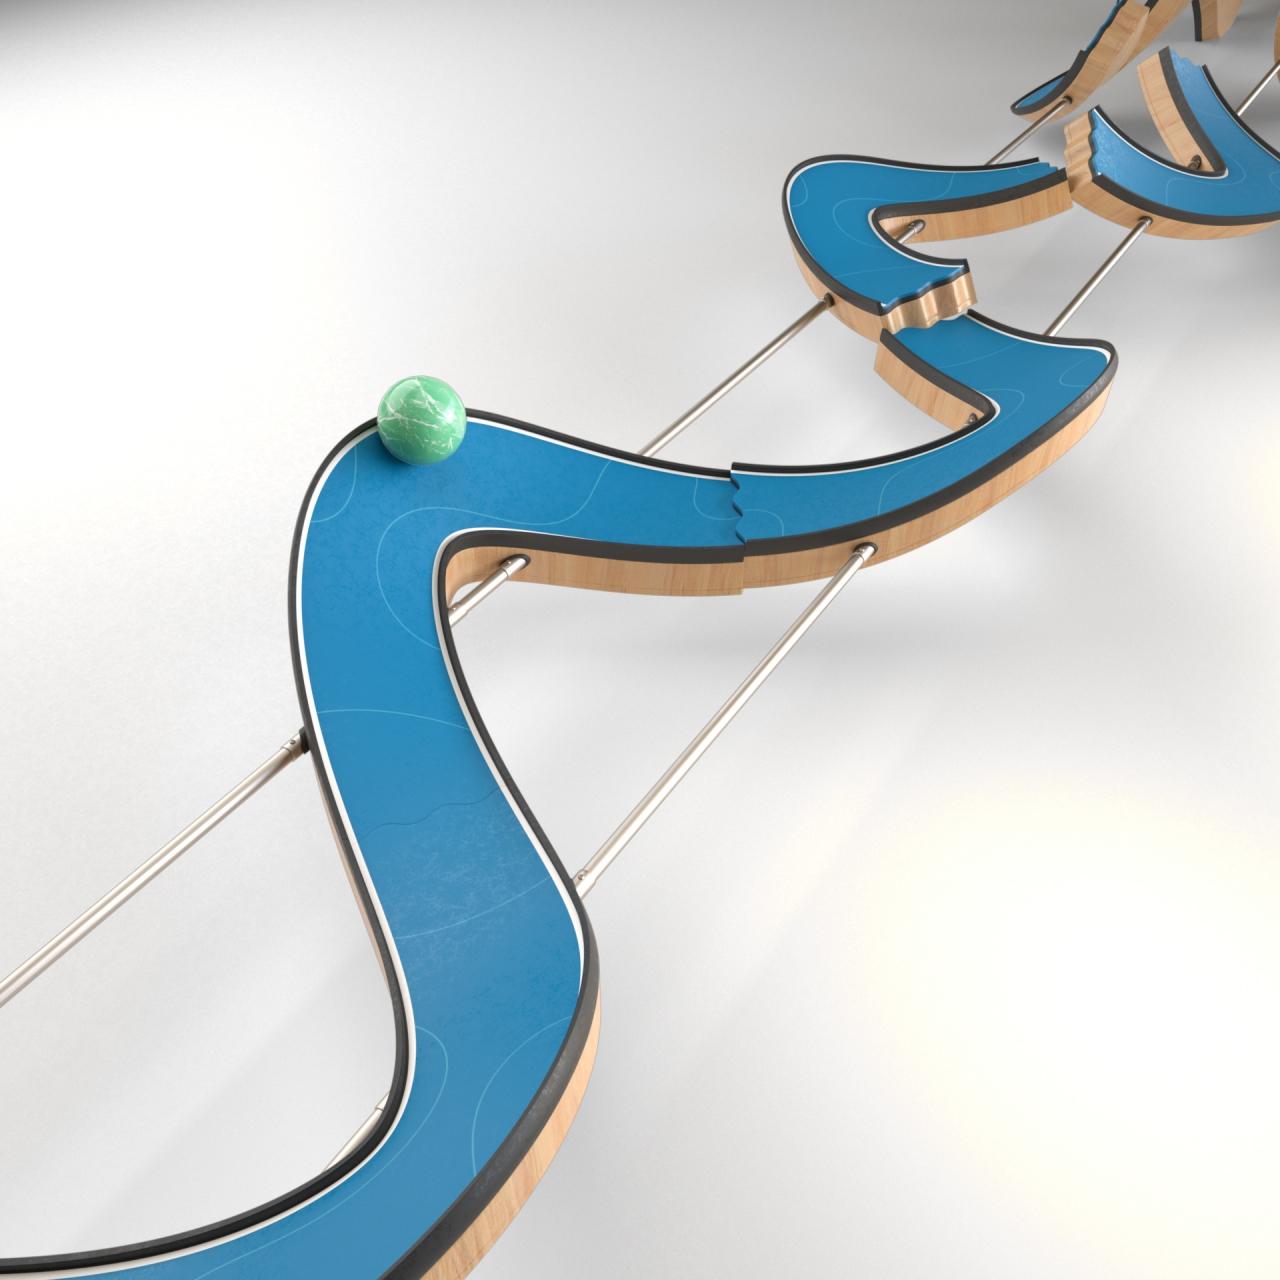 3d animasjon av en evighetsmaskin der en ball ruller frem og tilbake paa en bevegende bane lagd for nte